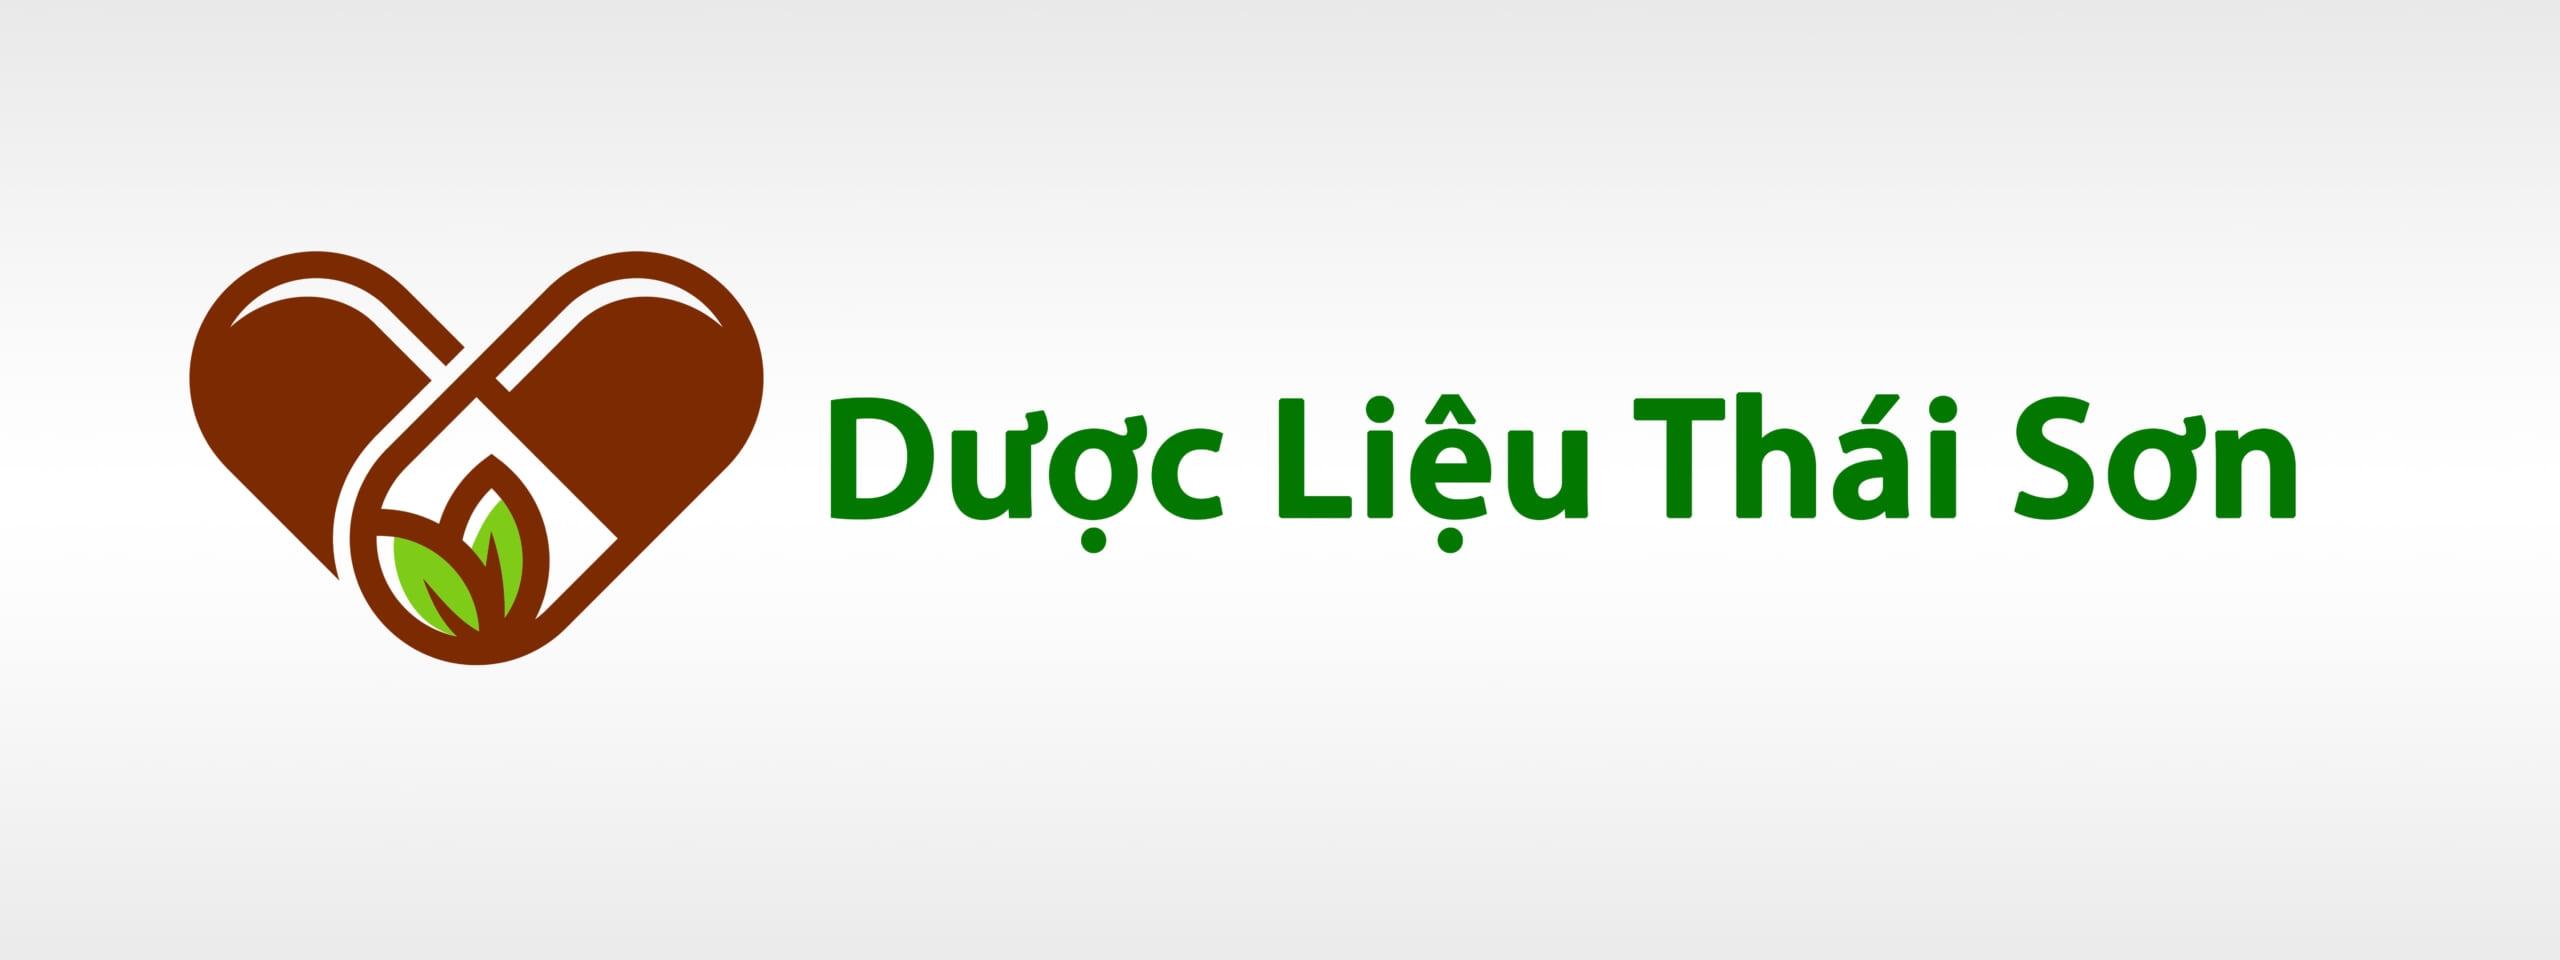 Dược Liệu Thái Sơn (@thaisonduoclieu) Cover Image